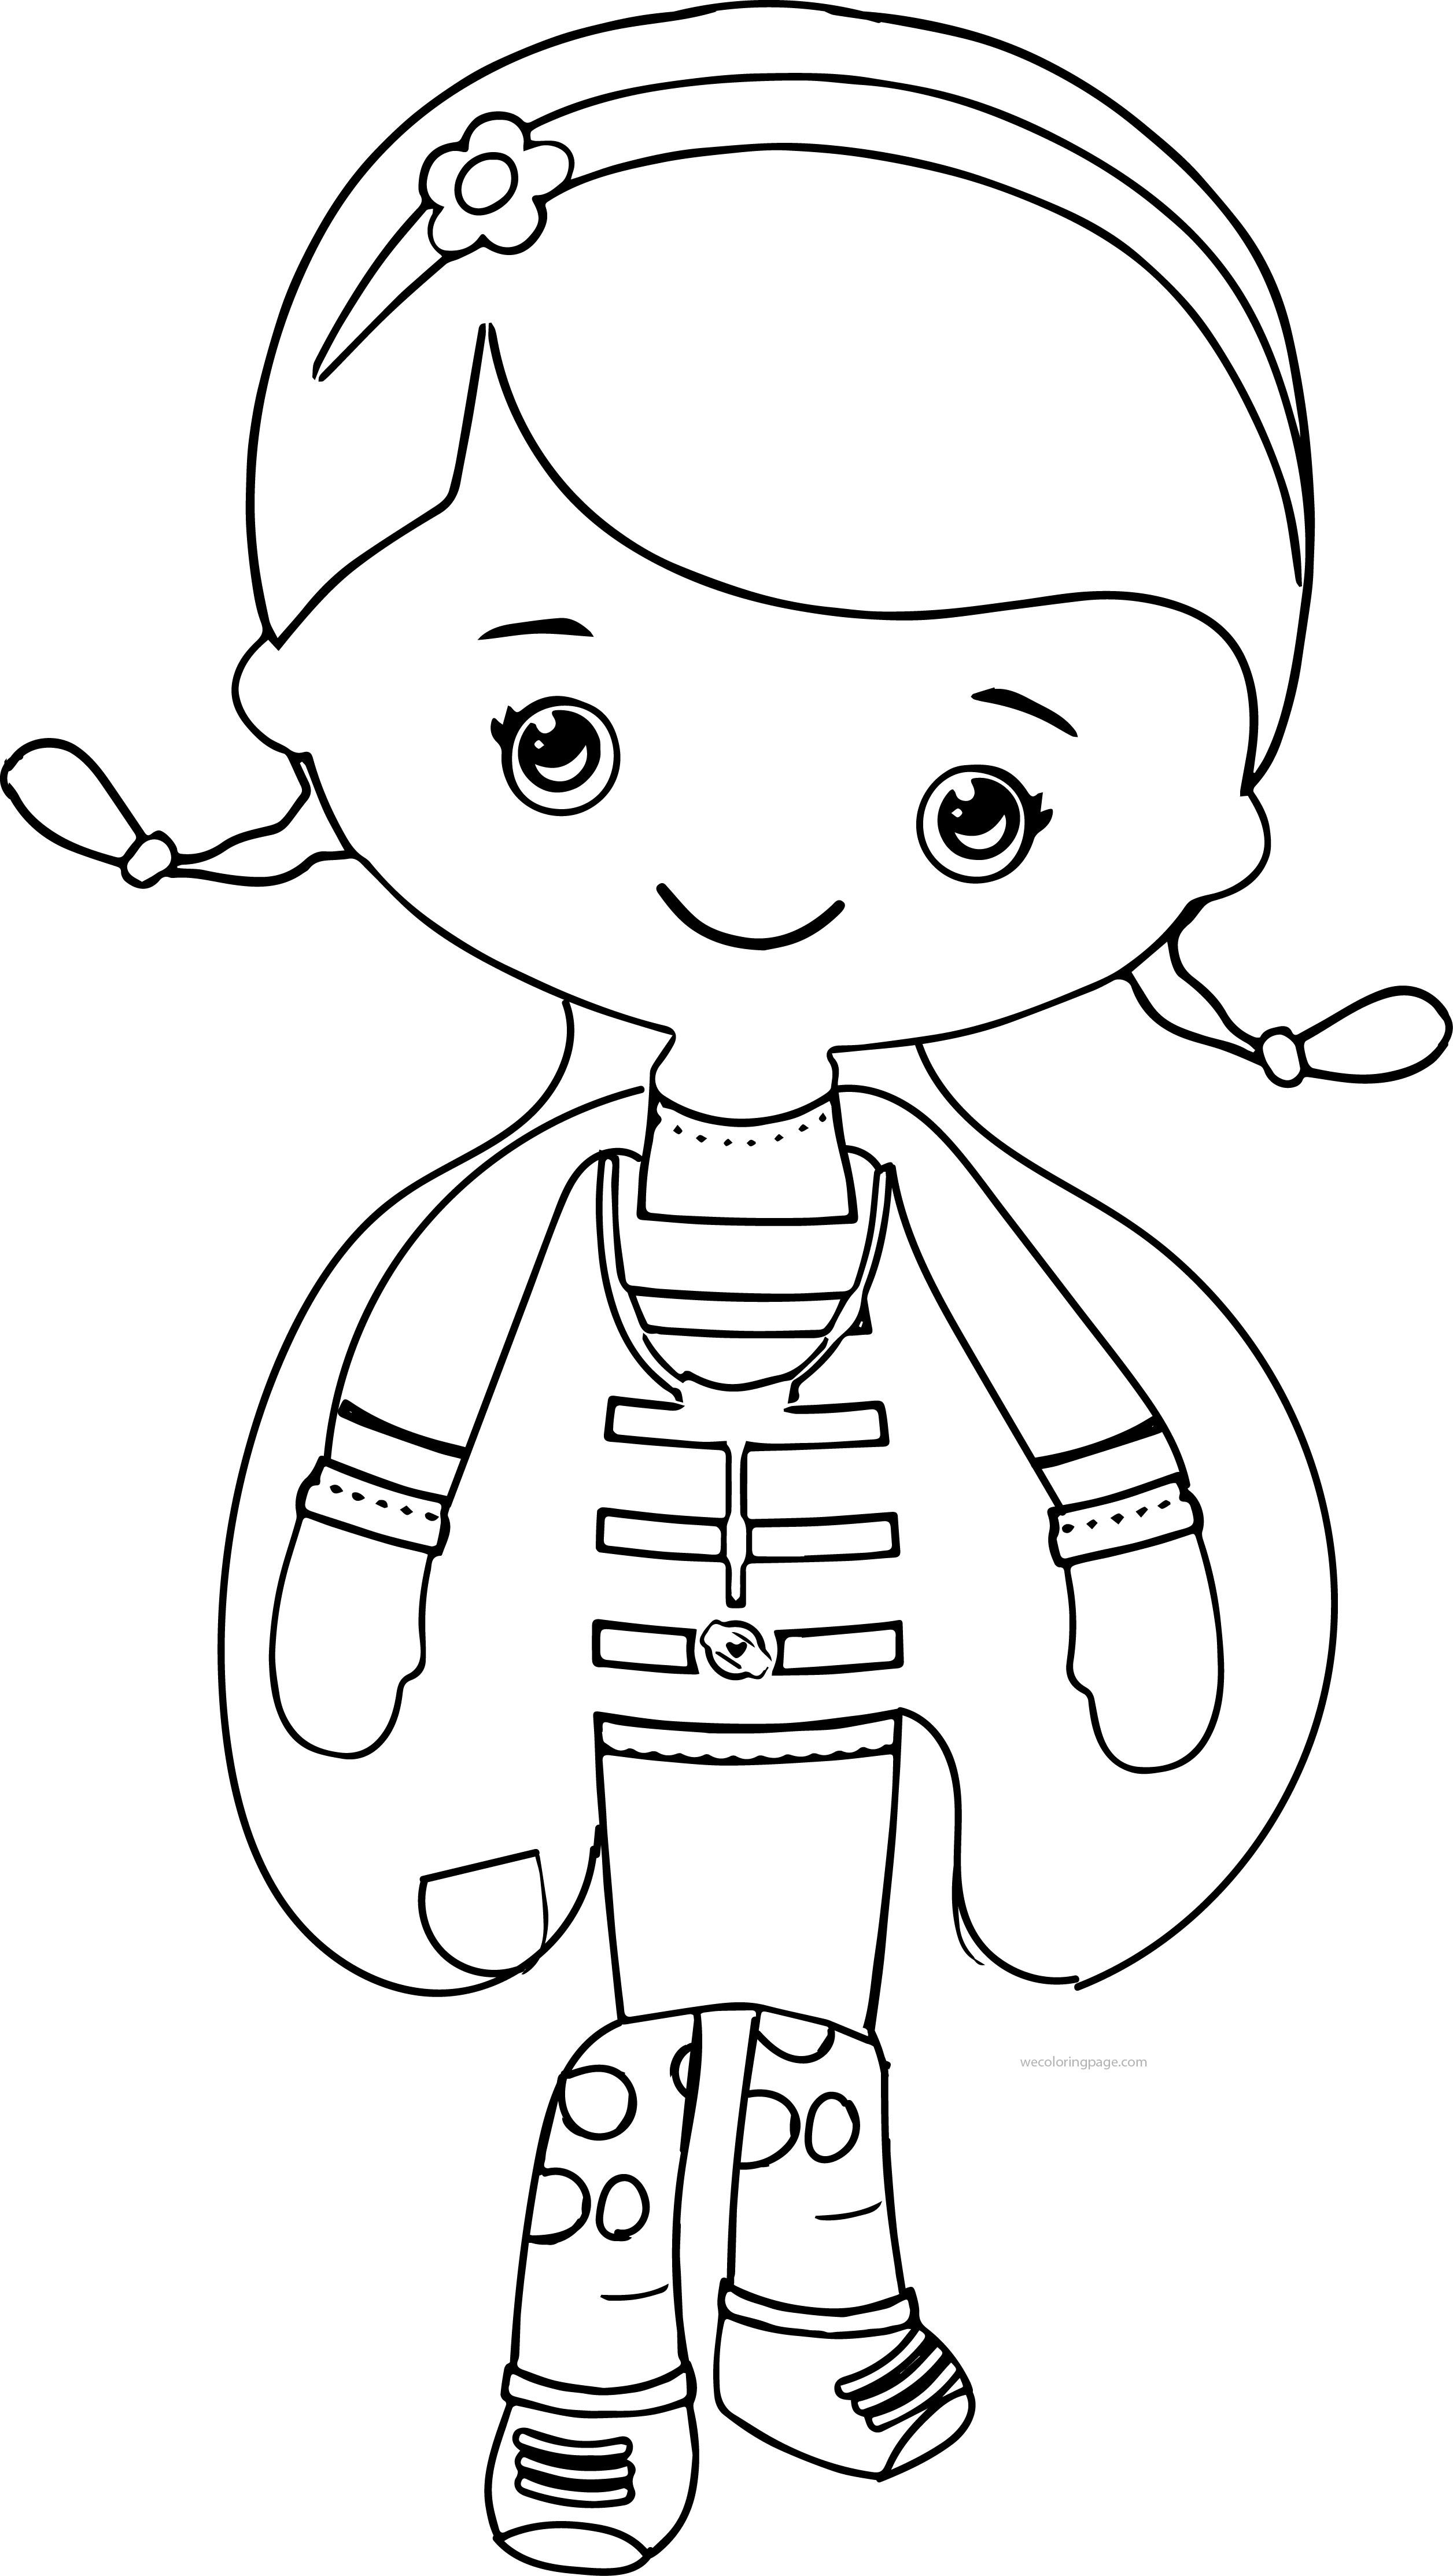 Doc McStuffins Coloring Page 1